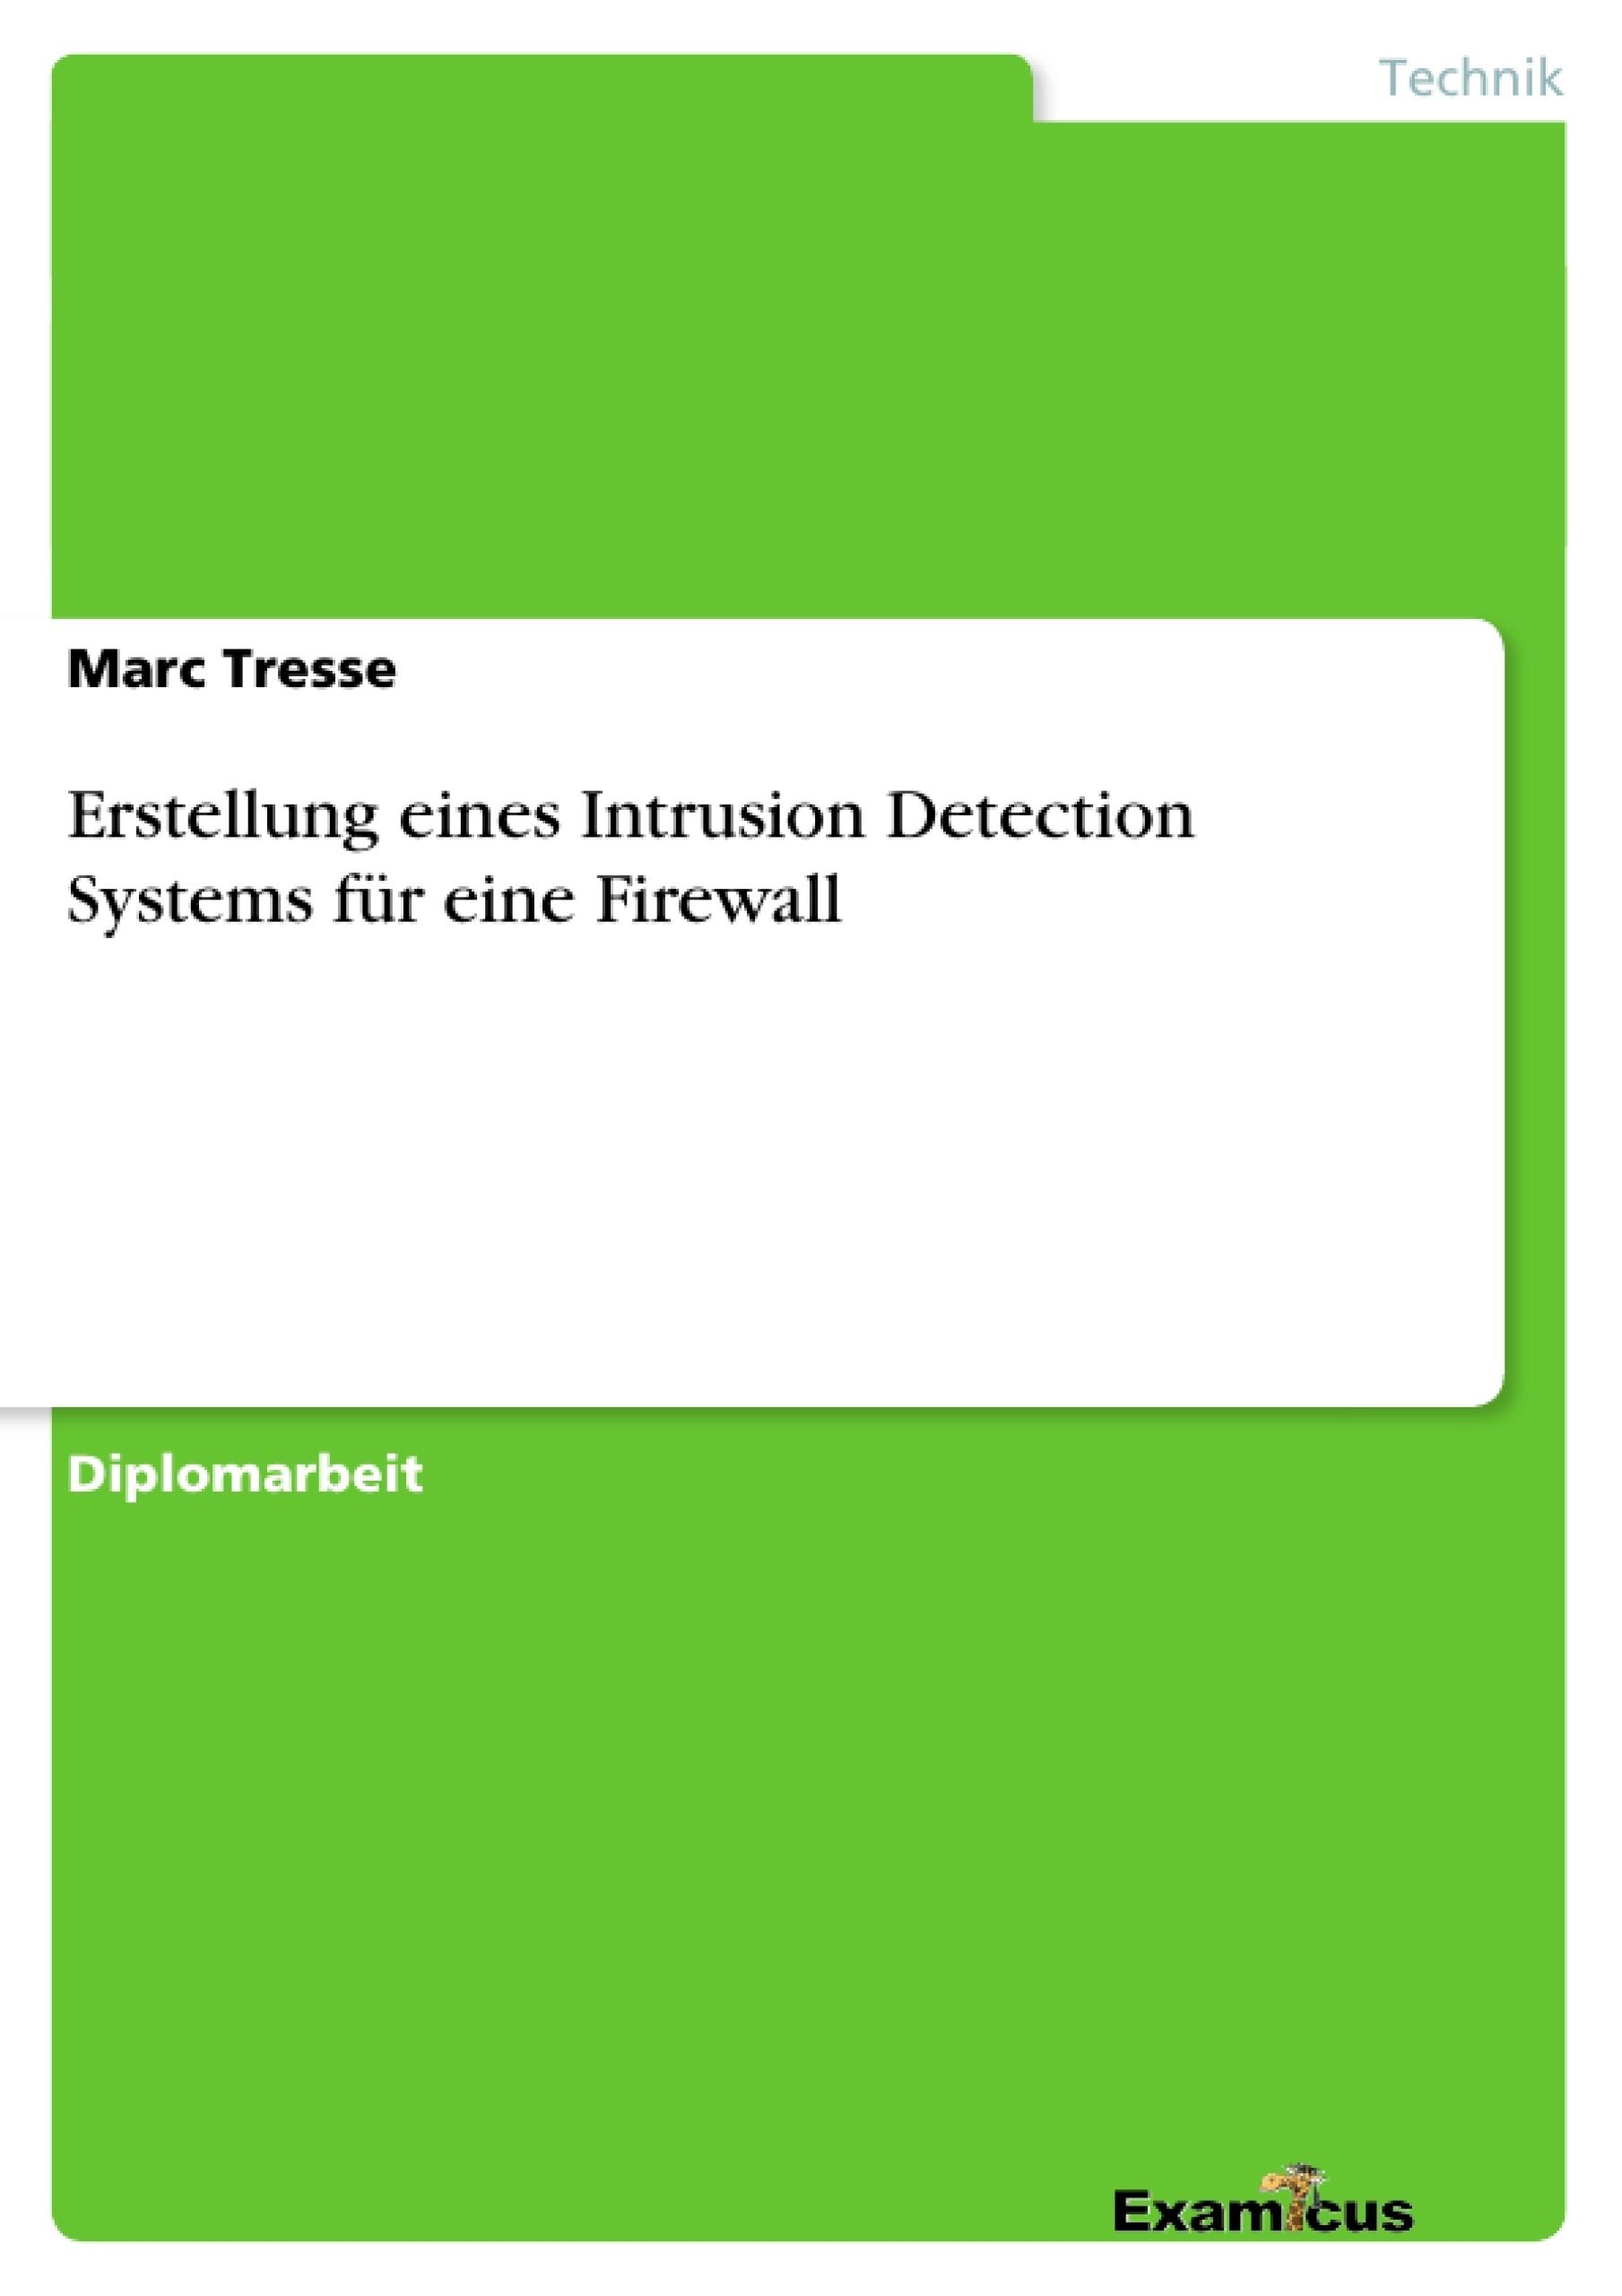 Titel: Erstellung eines Intrusion Detection Systems für eine Firewall